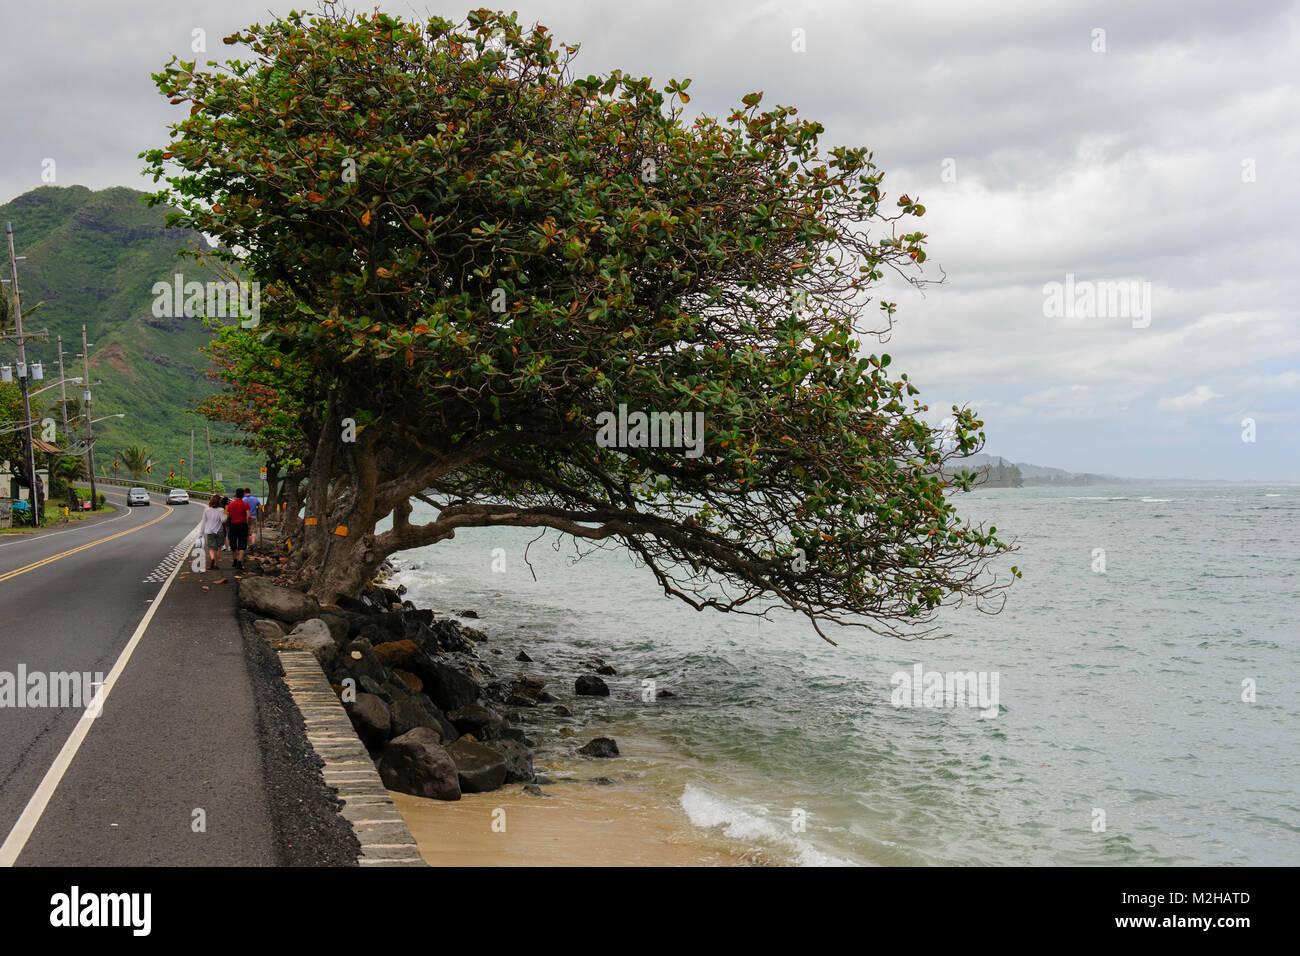 Tree clinging to sea wall preventing erosion on Kamehameha Highway, near Ka'a'awa, Oahu, Hawaii, USA Stock Photo